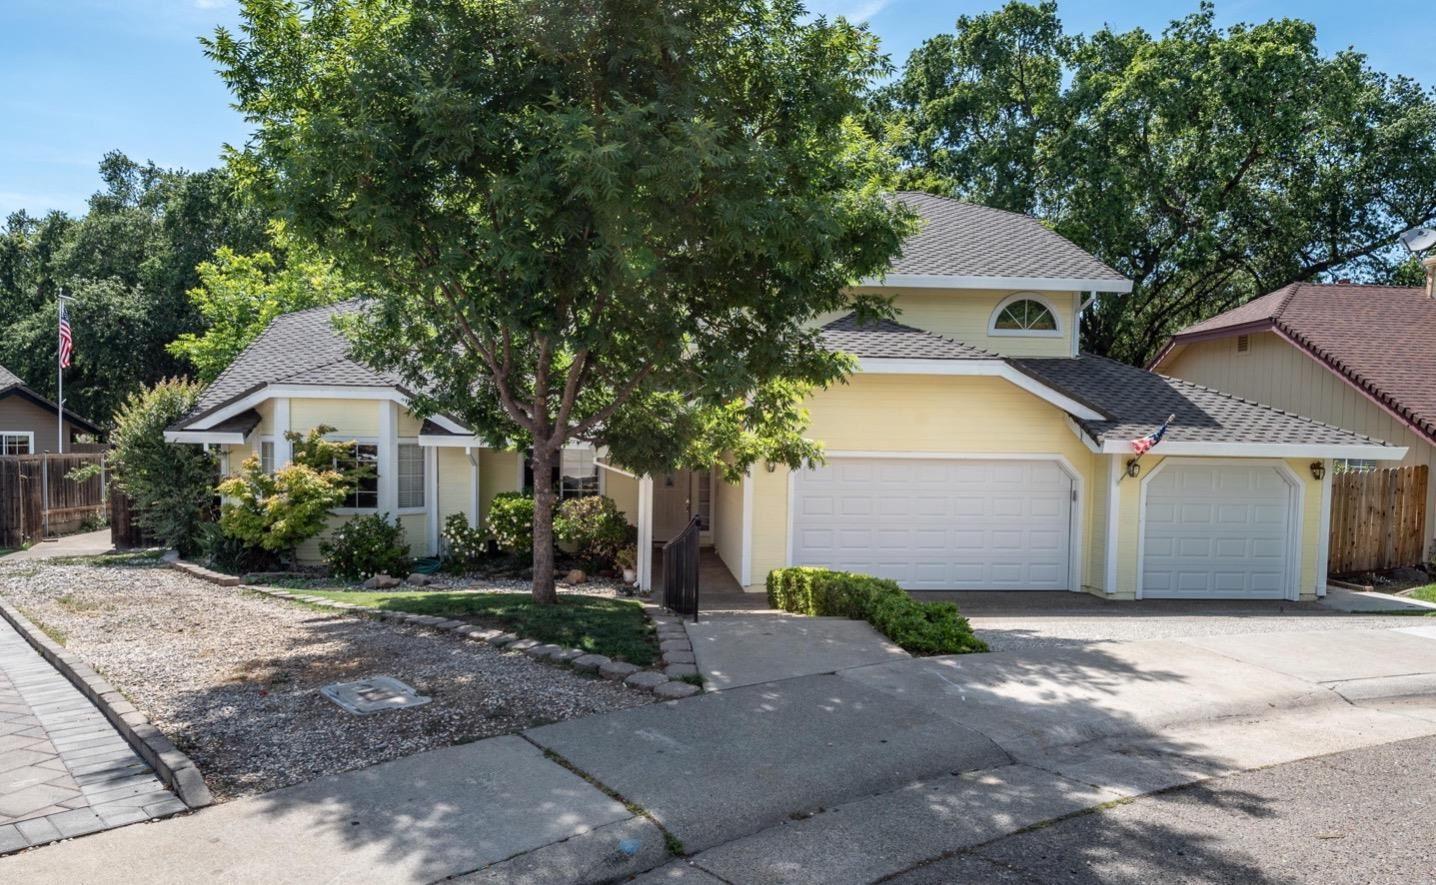 9028 Clarissa Drive, Orangevale, CA 95662 - #: 20027525